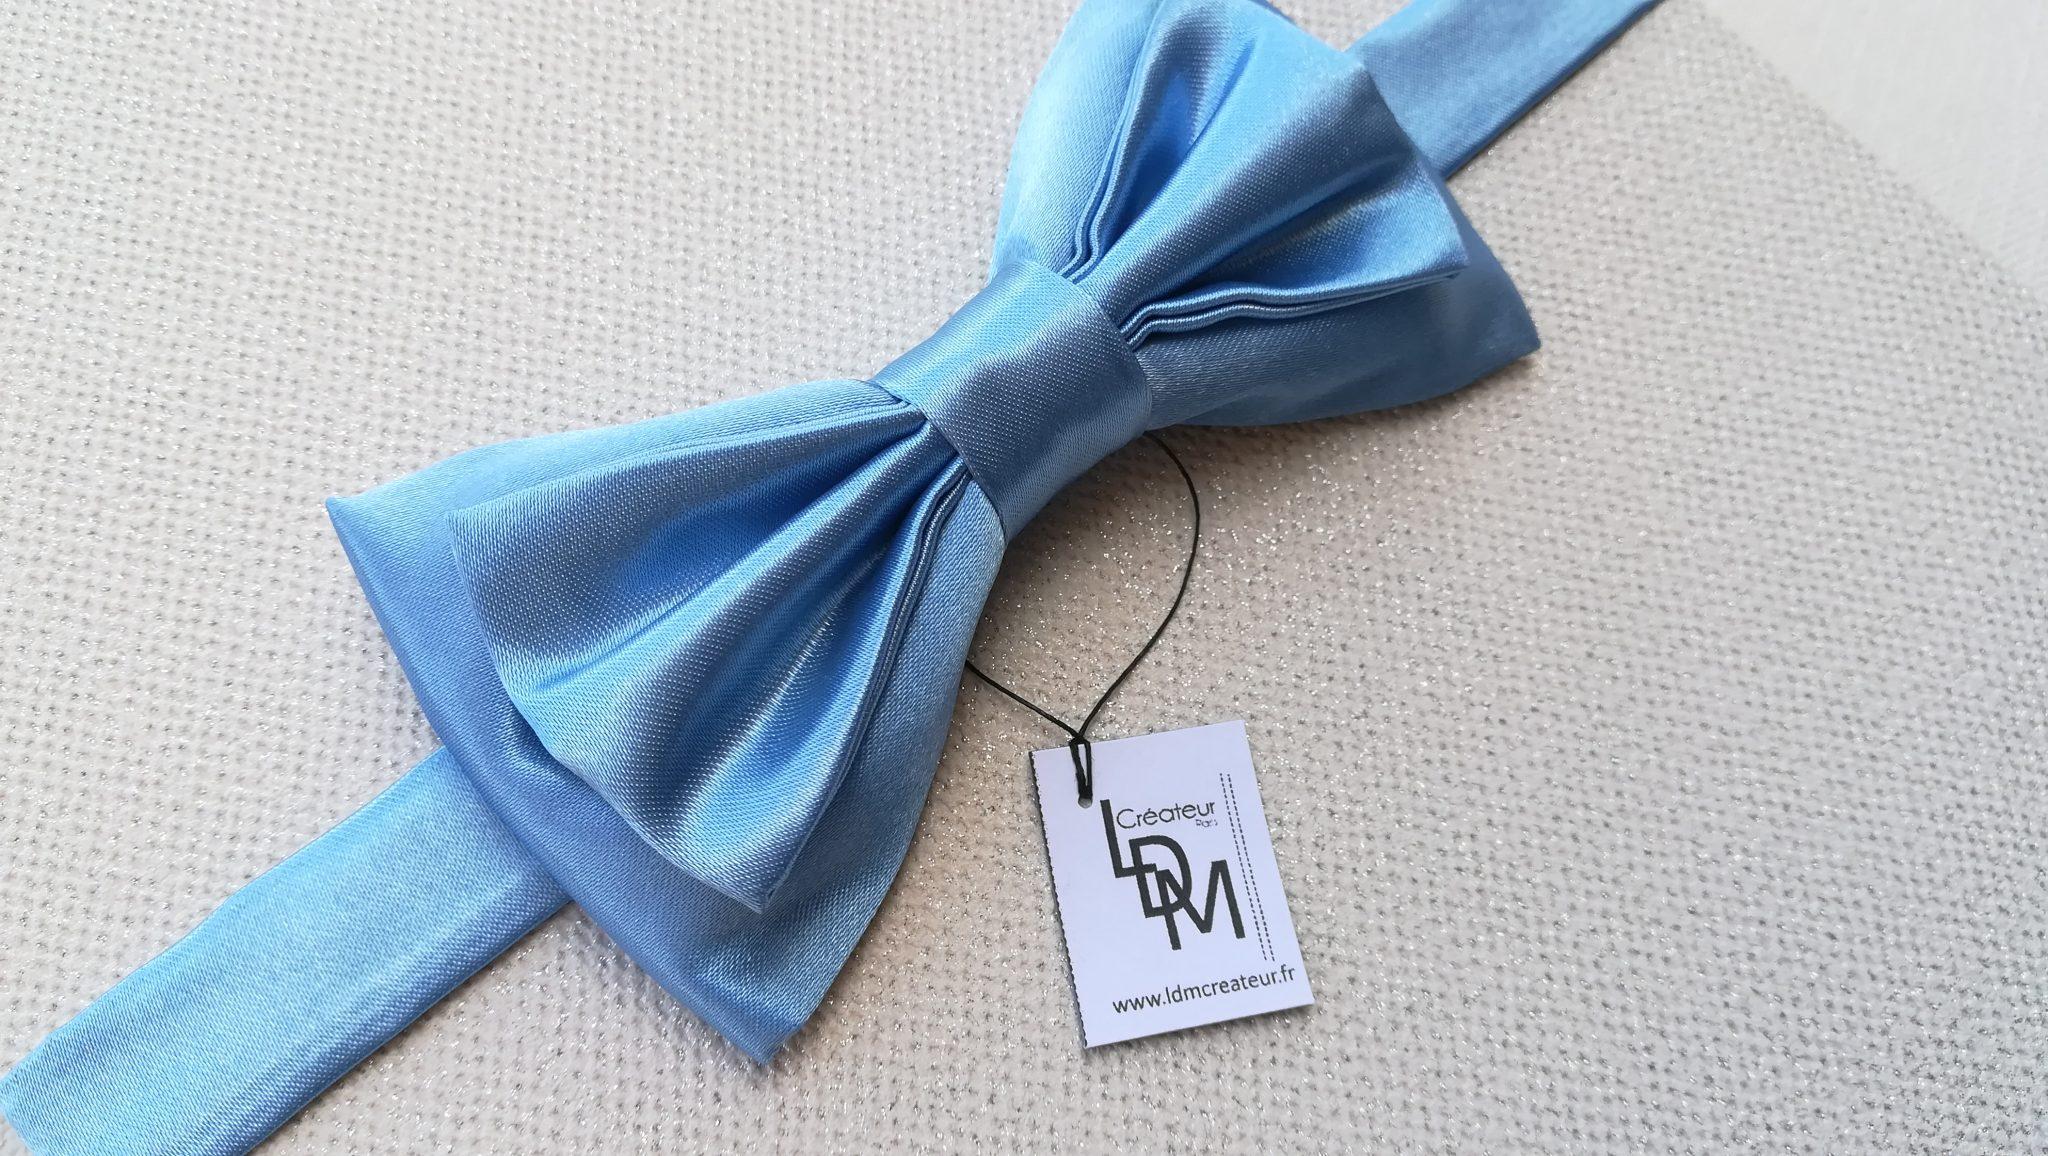 Nœud-papillon-bleu-ciel-mariage-Talmont-200x173-LDM-Créateur-fr